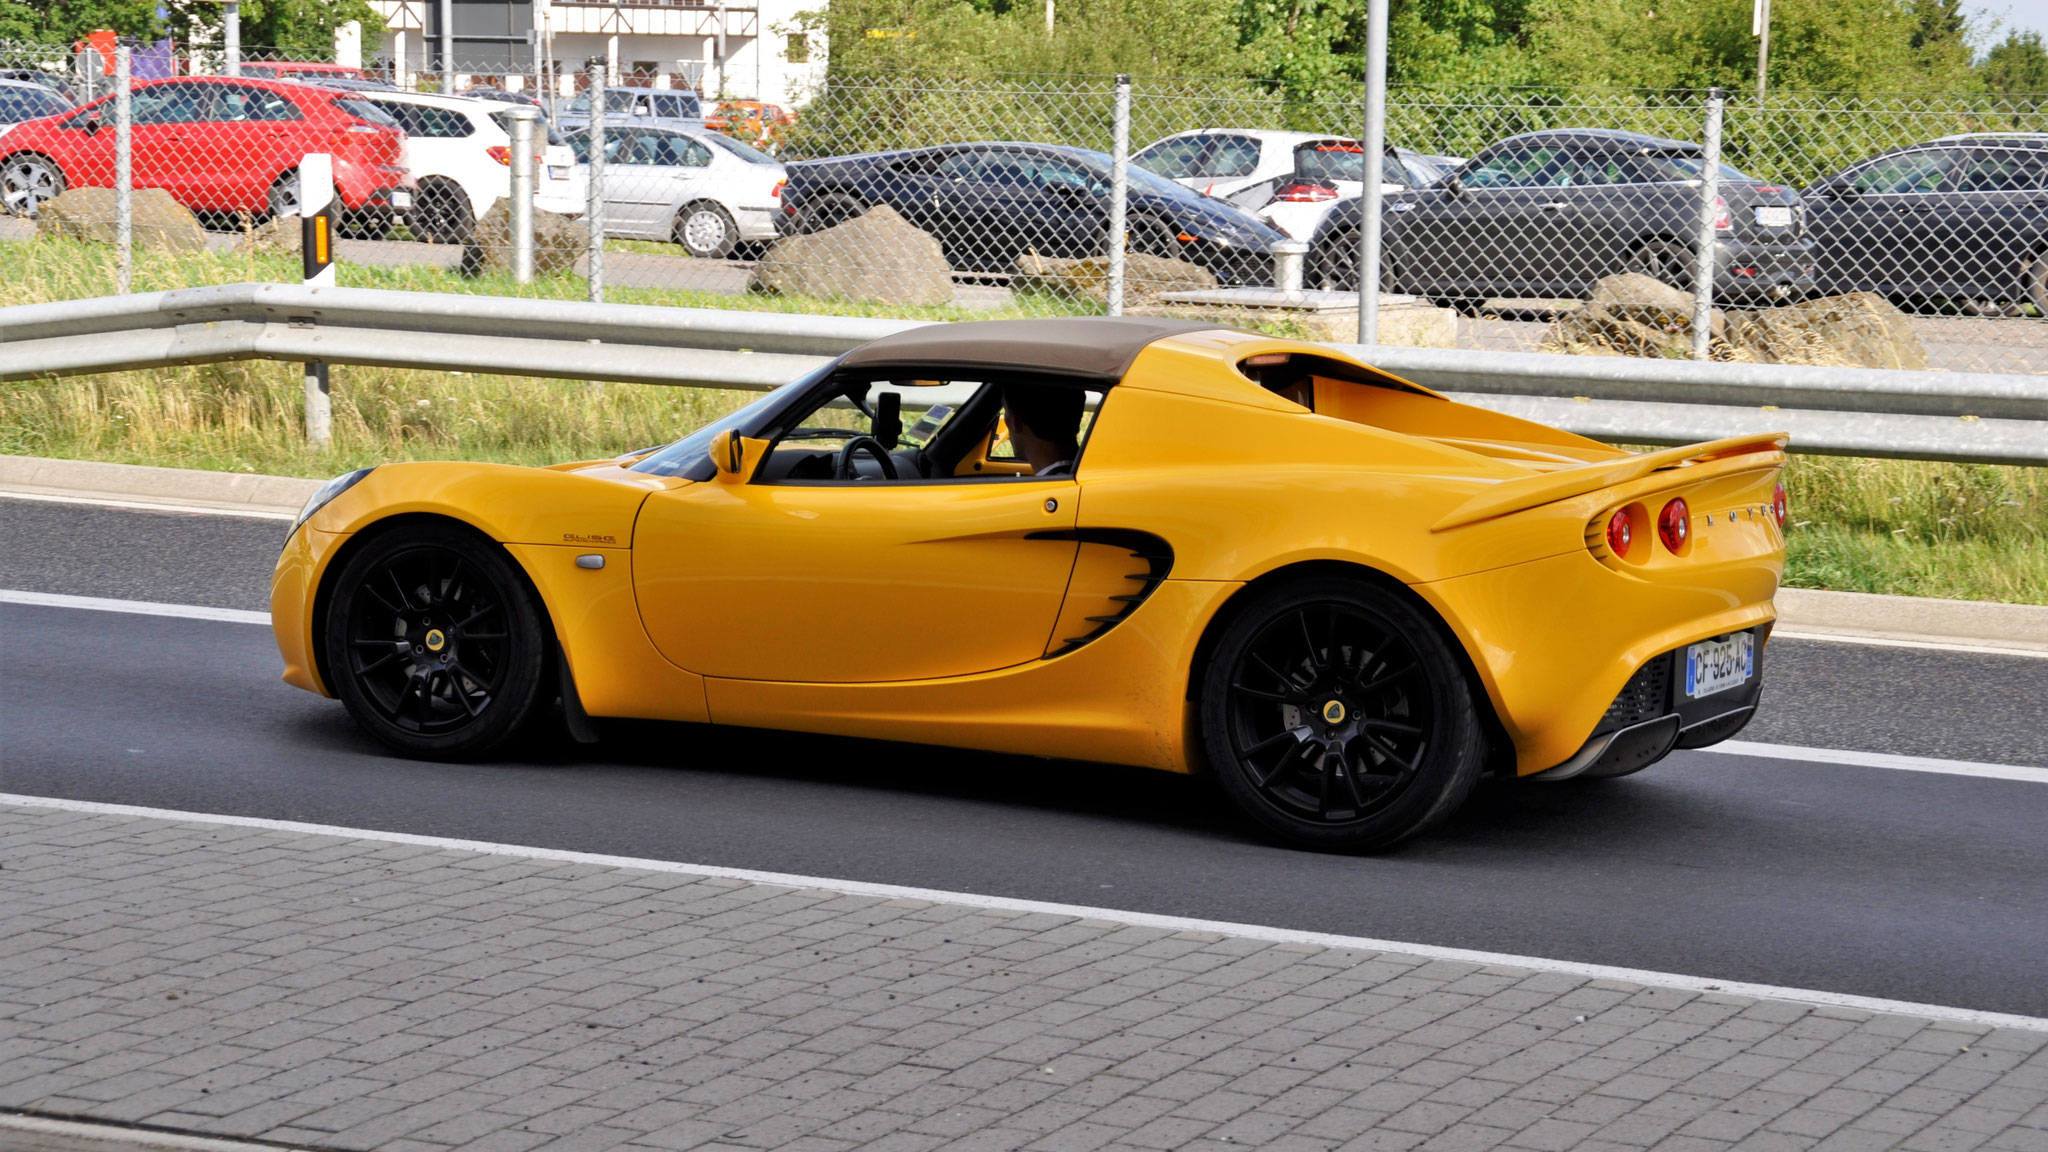 Lotus Elise S2 - DF-925-AC (FRA)